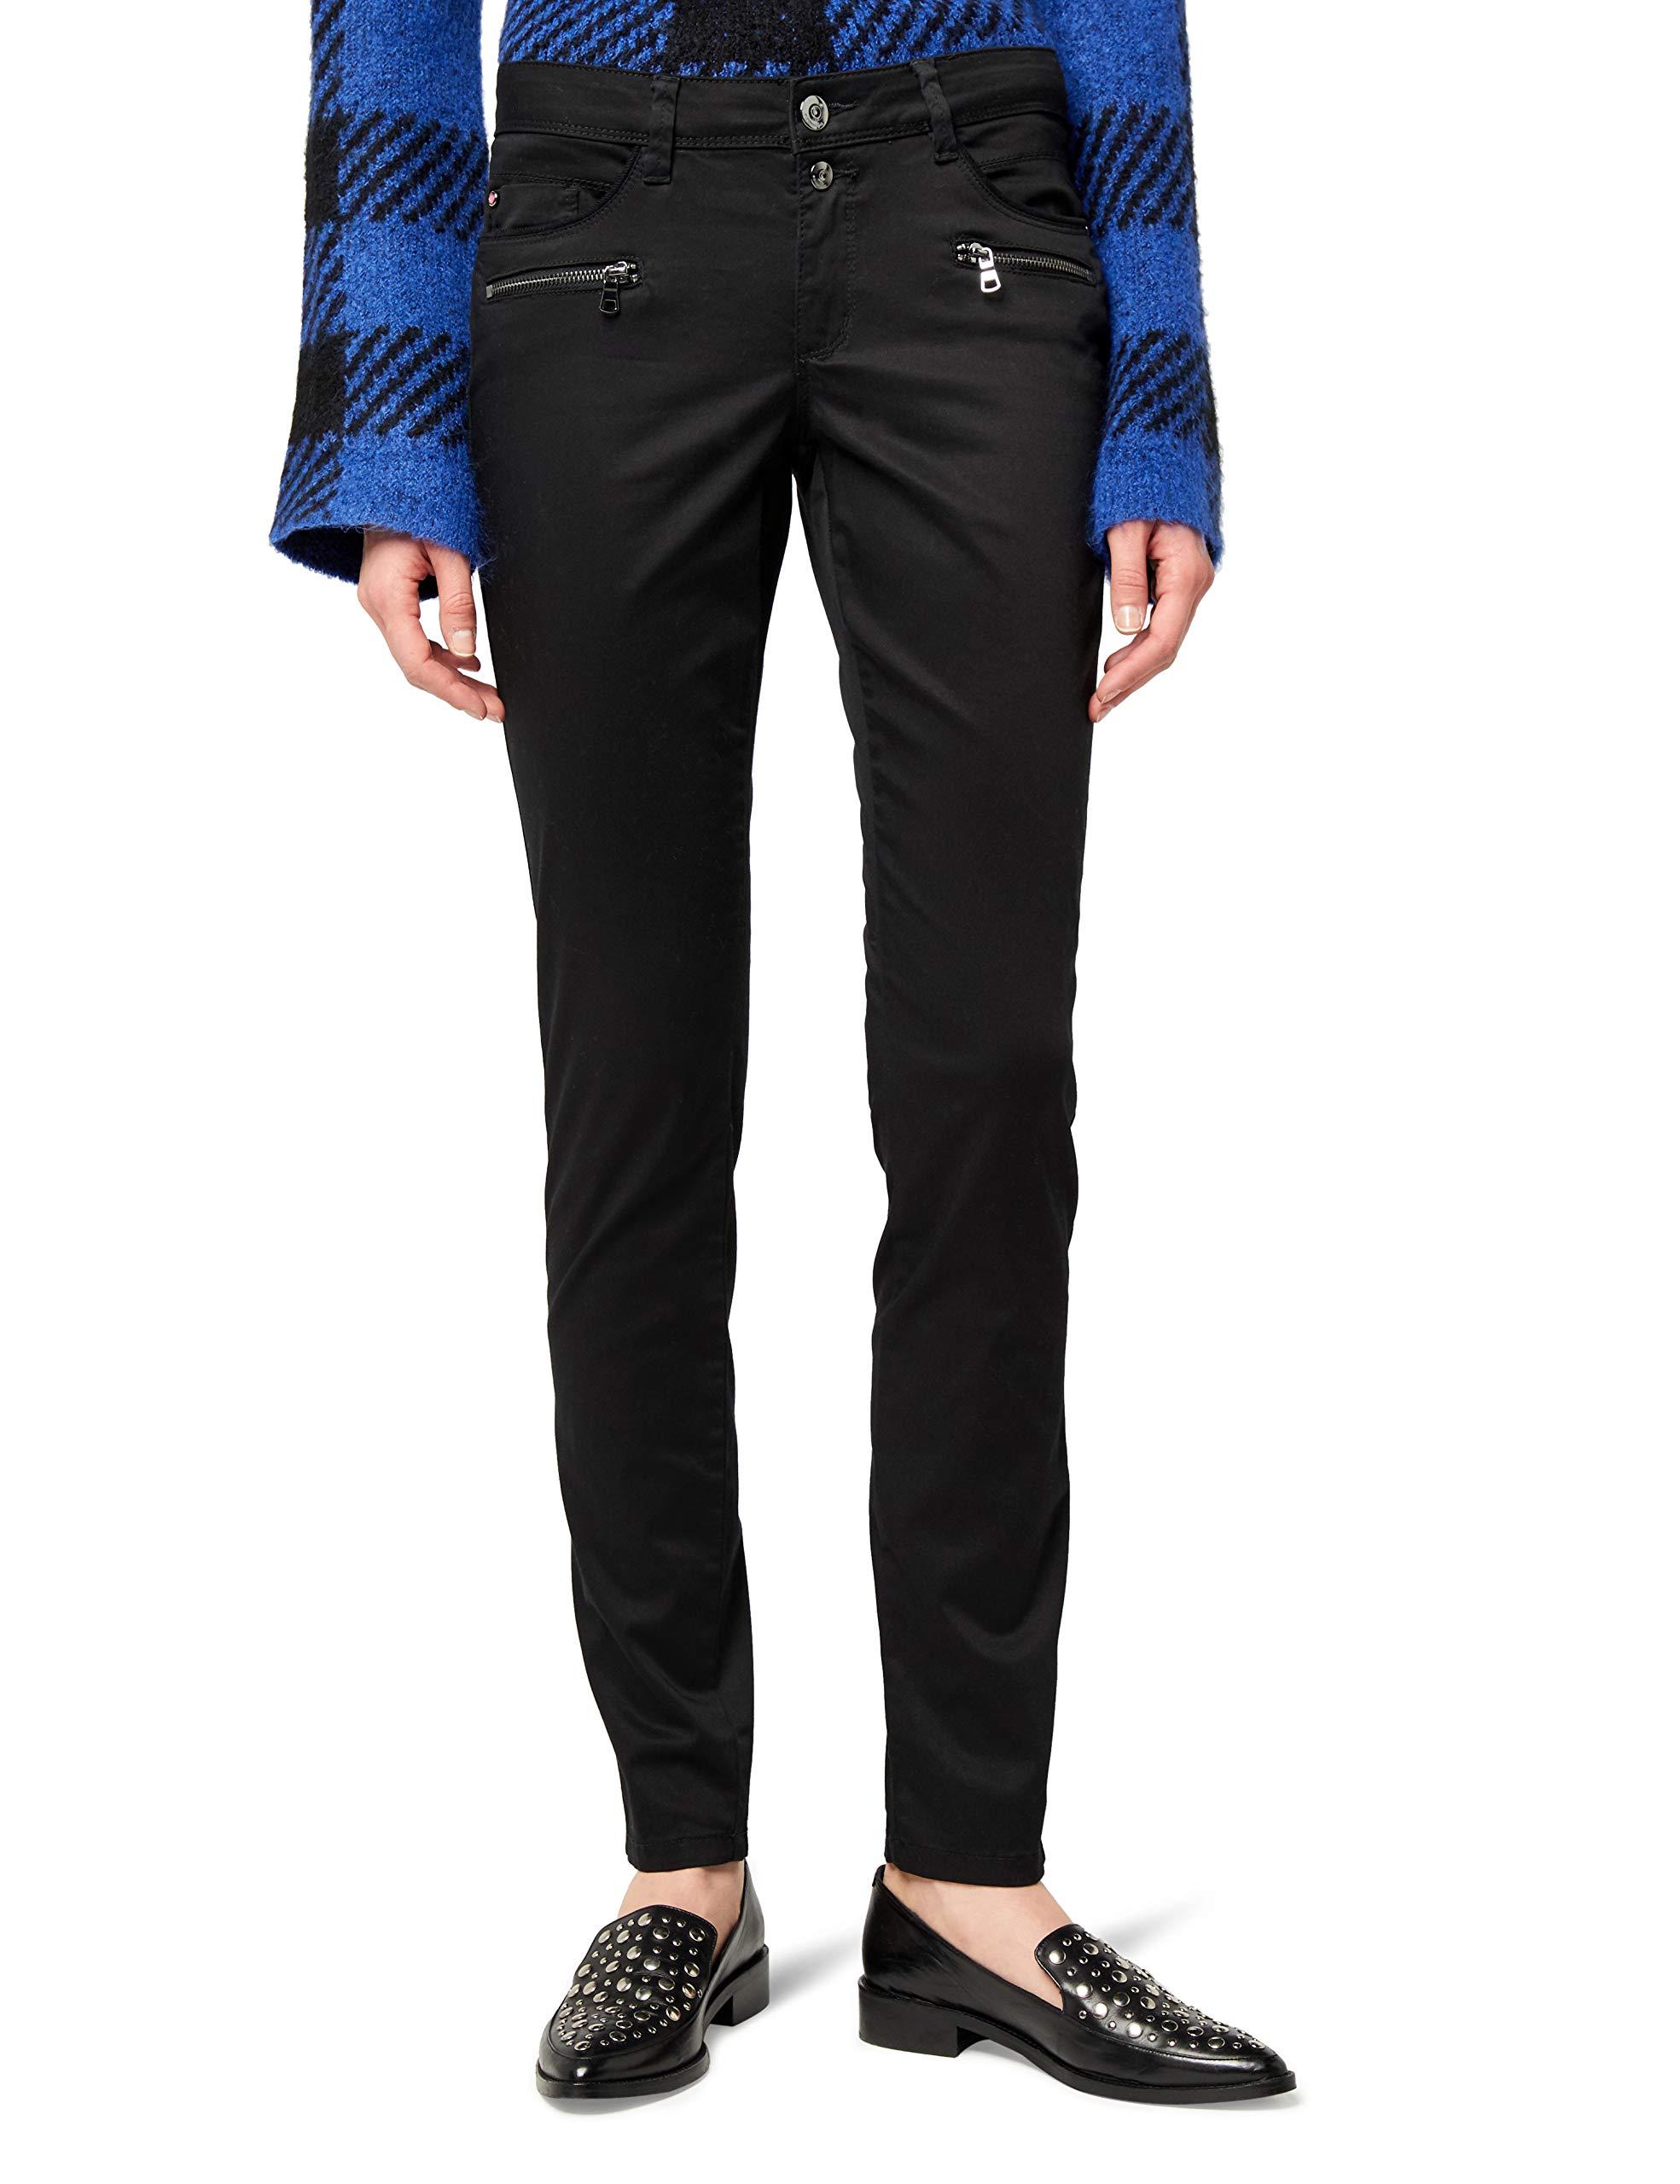 PantalonNoirblack One Fabricant38Femme Du Street Yulius 1000140l32taille 370964 zGUqpSMV